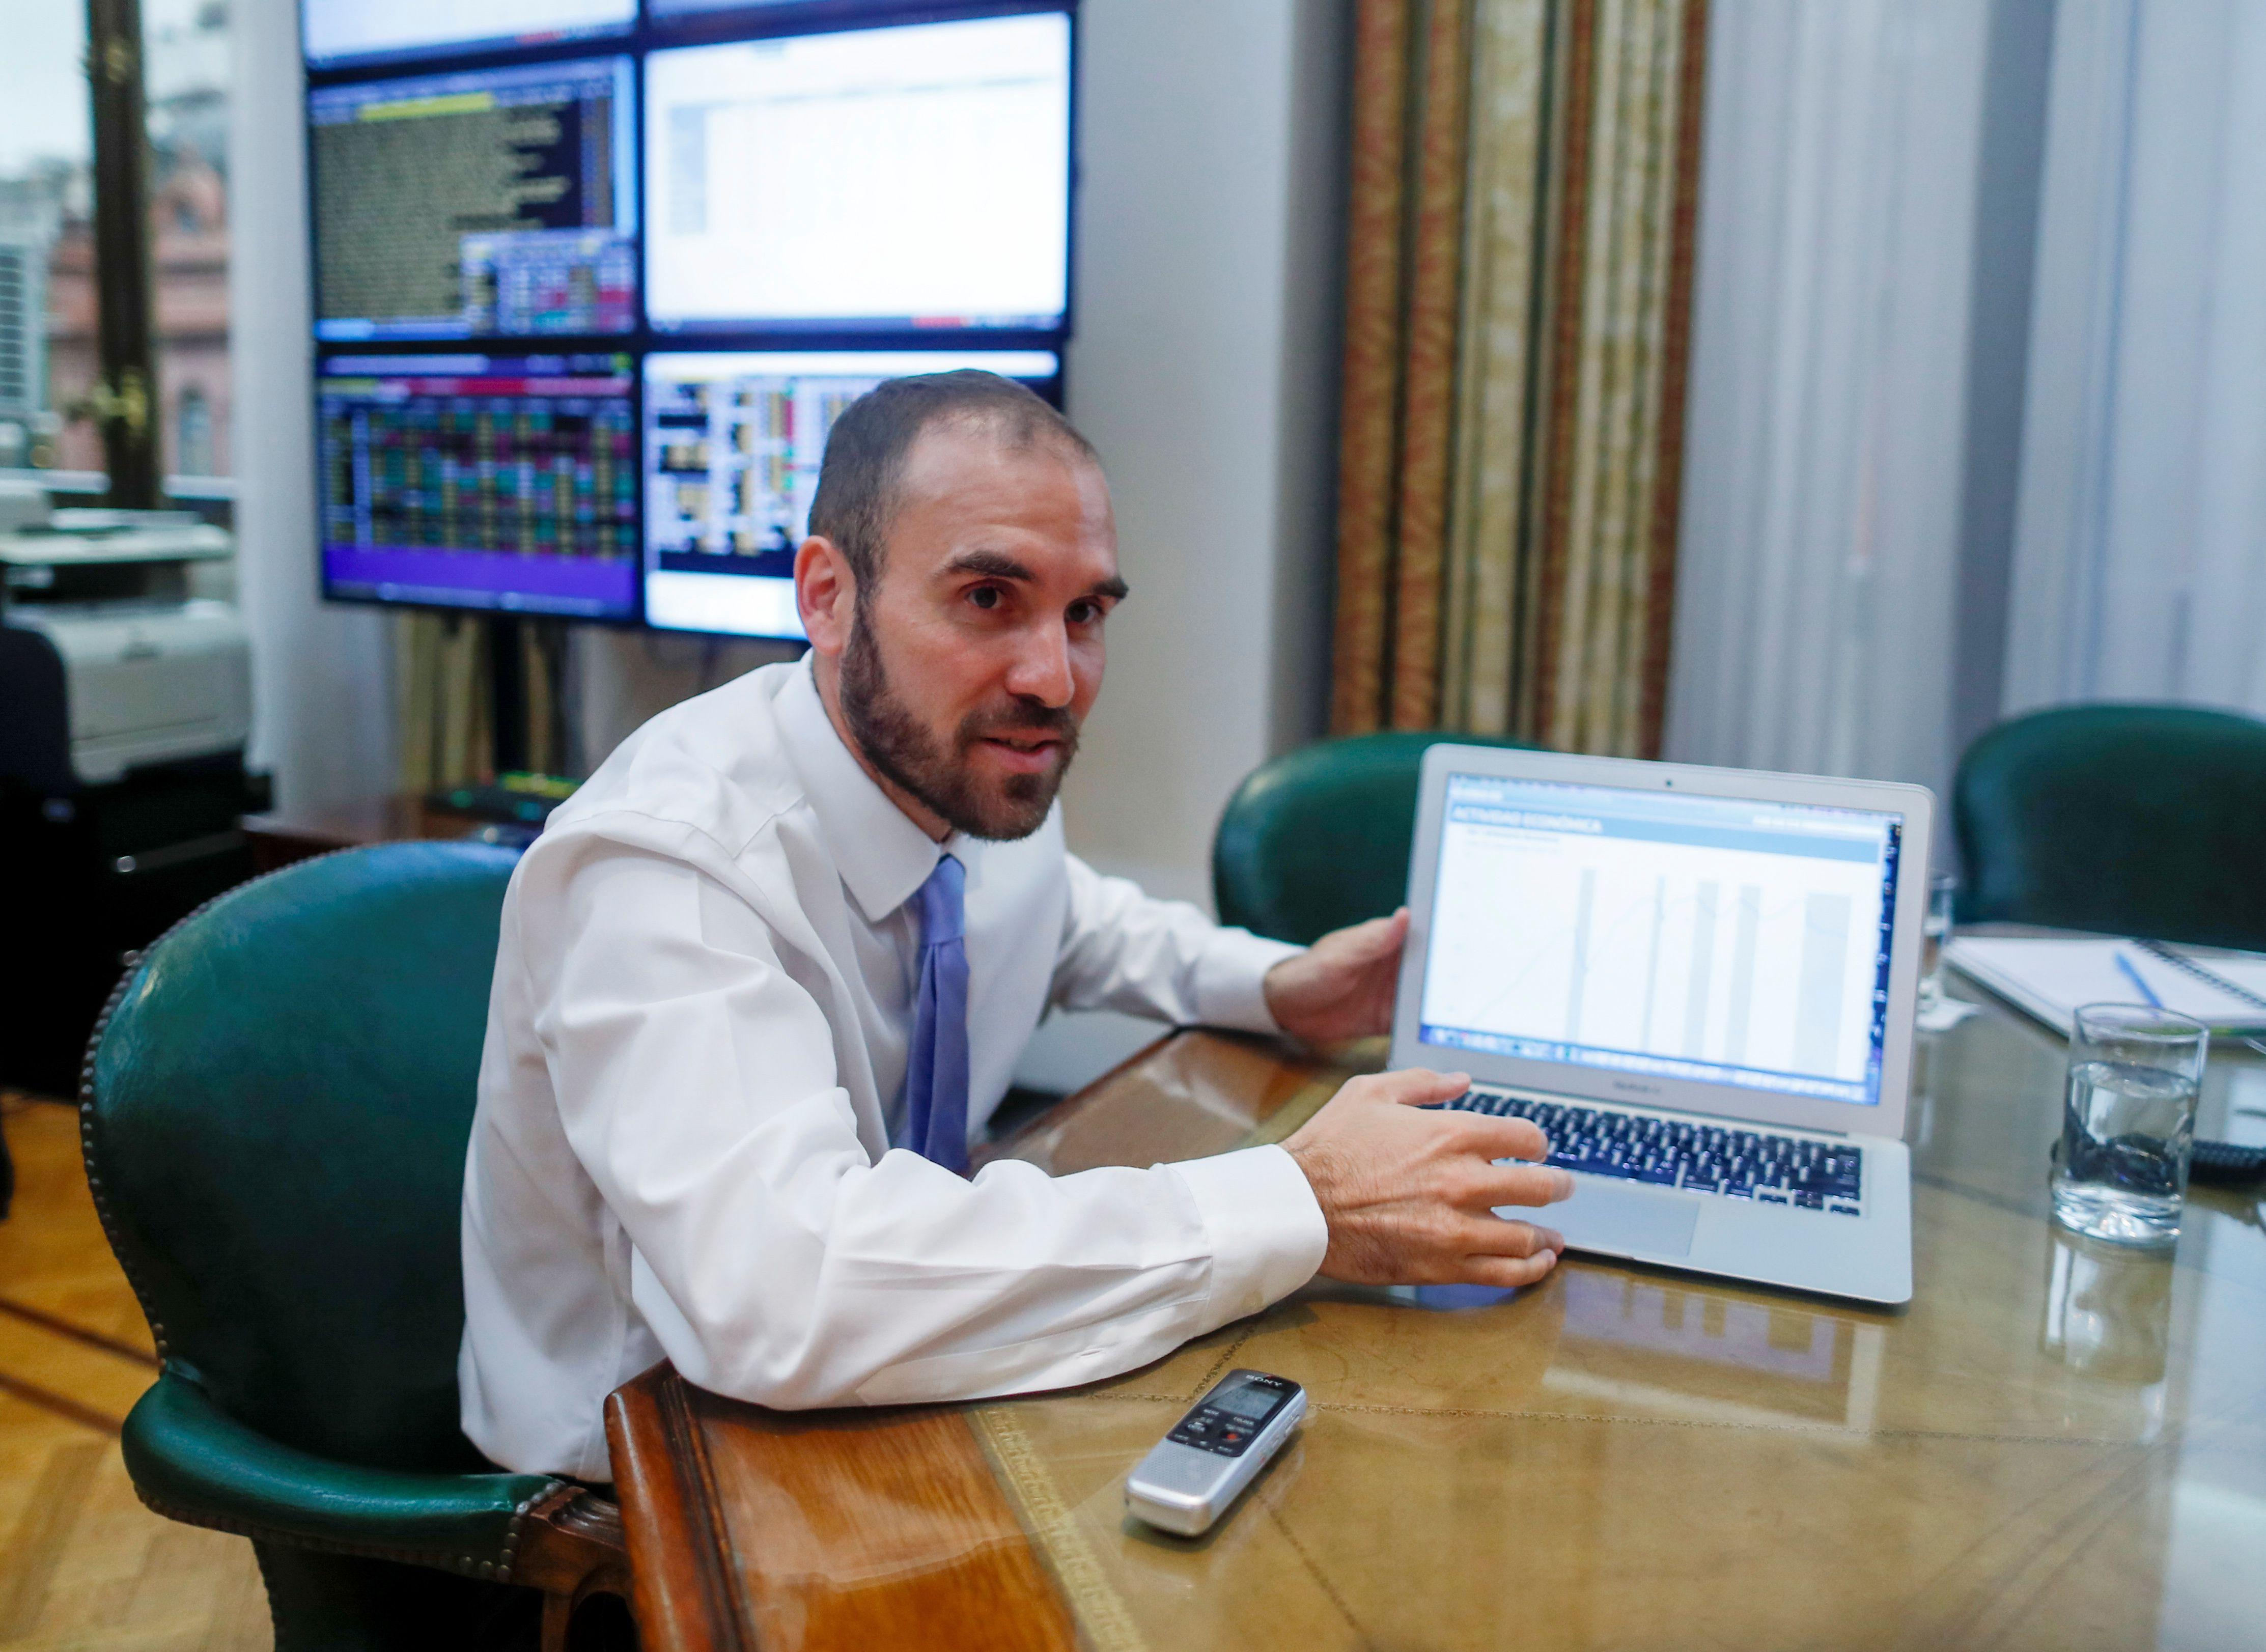 El ministro de Economía, Martín Guzmán, durante una entrevista concedida ayer.